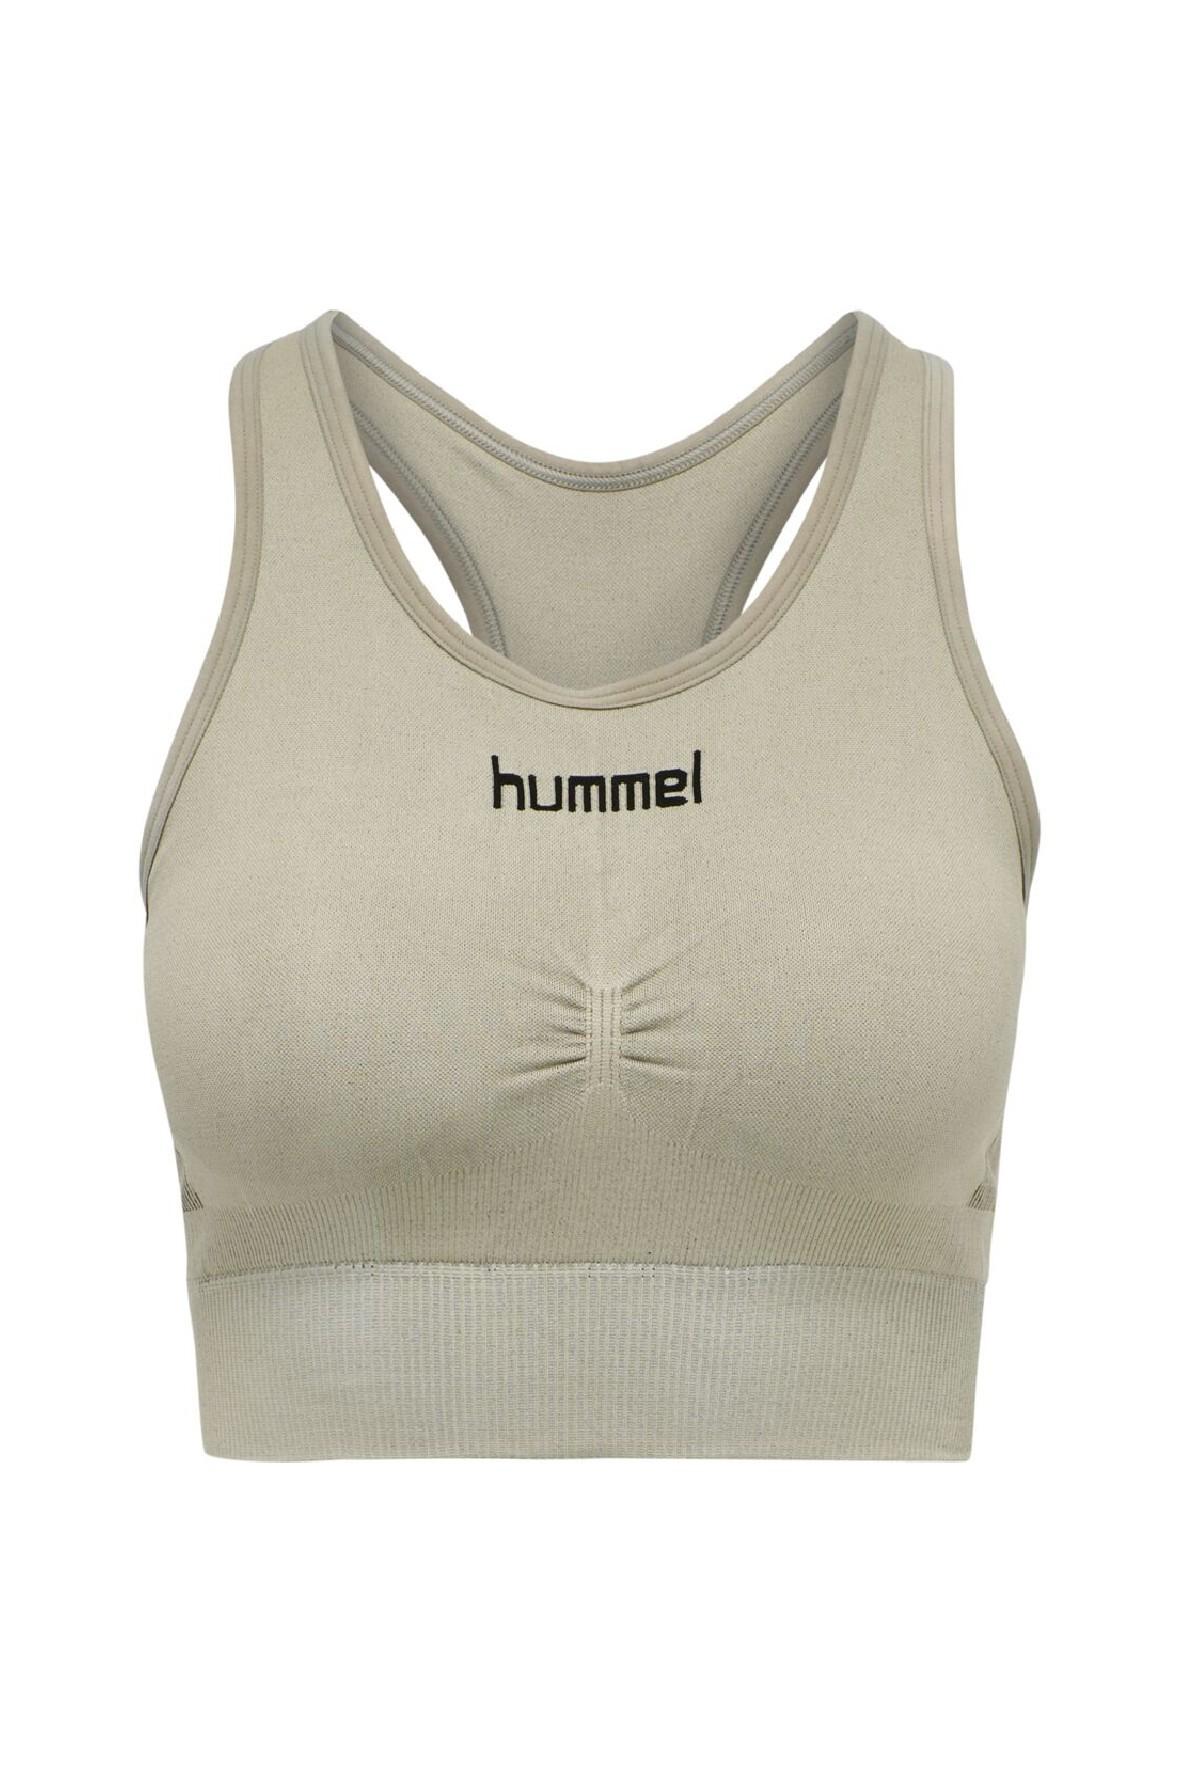 Damski biustonosz sportowy bezszwowy Hummel- oliwkowy